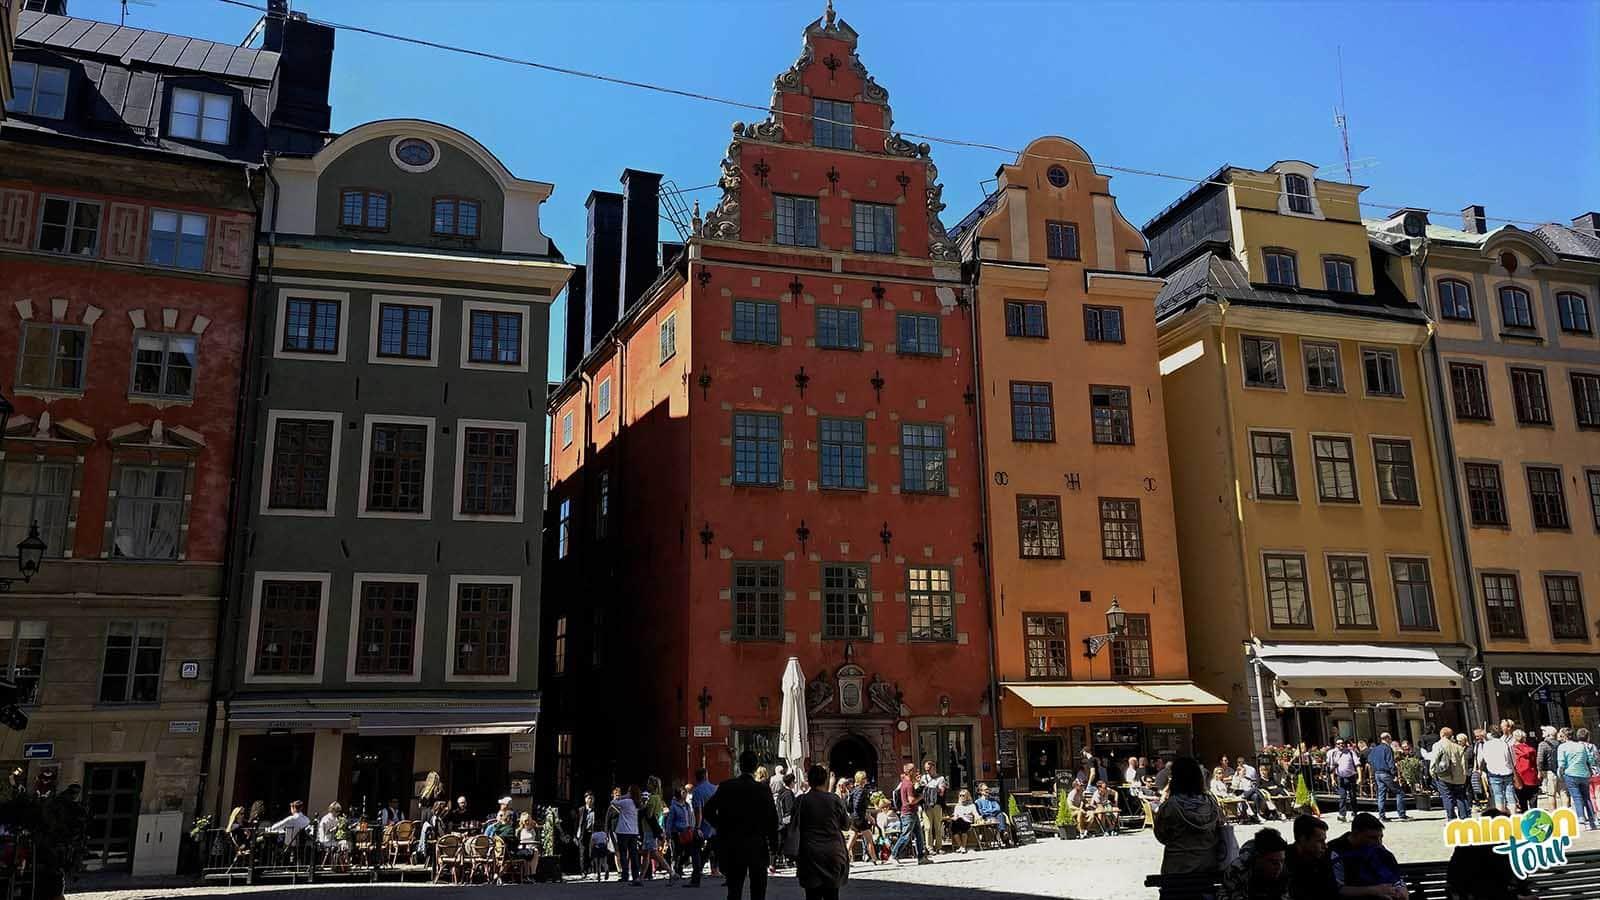 La Plaza de Stortorget es uno de los lugares que tienes que ver en Estocolmo